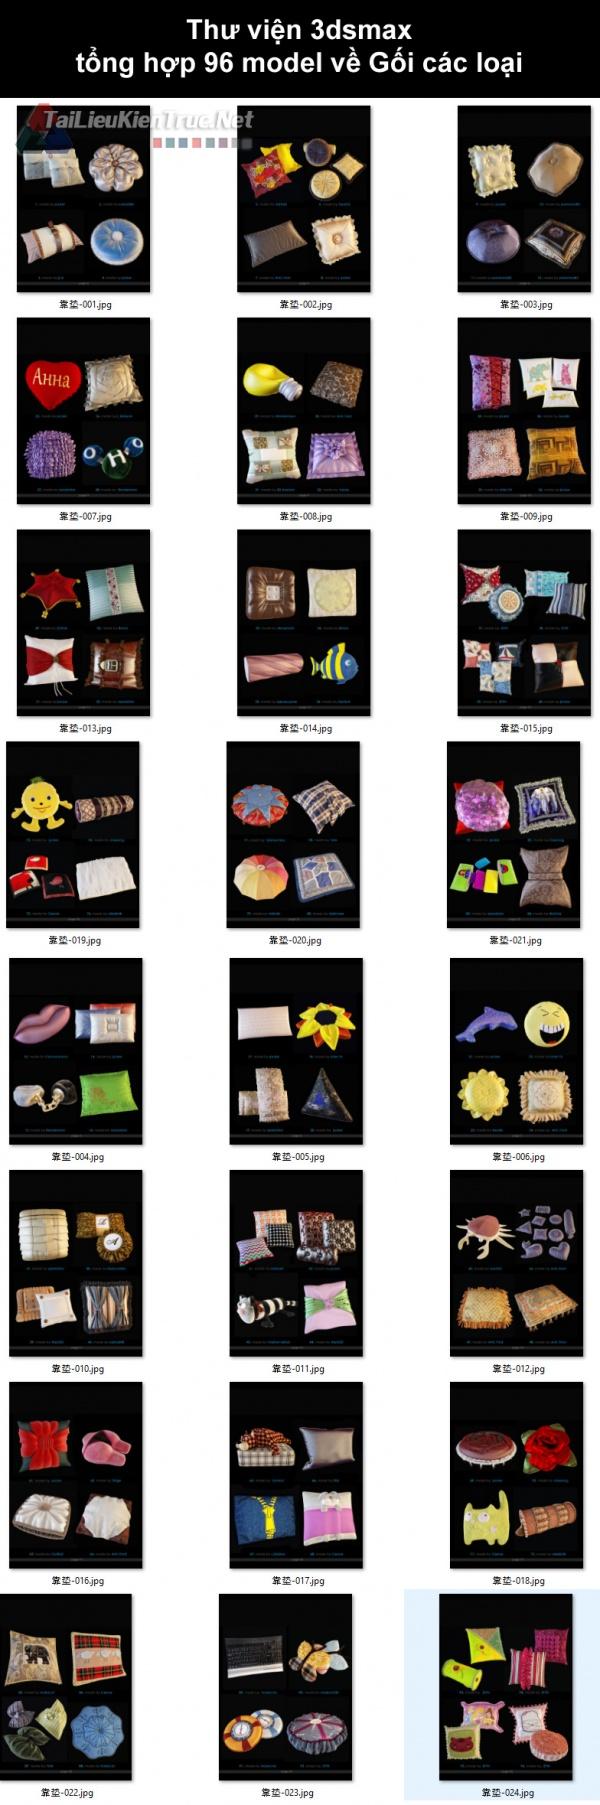 Thư viện 3dsmax tổng hợp 96 model về Gối các loại